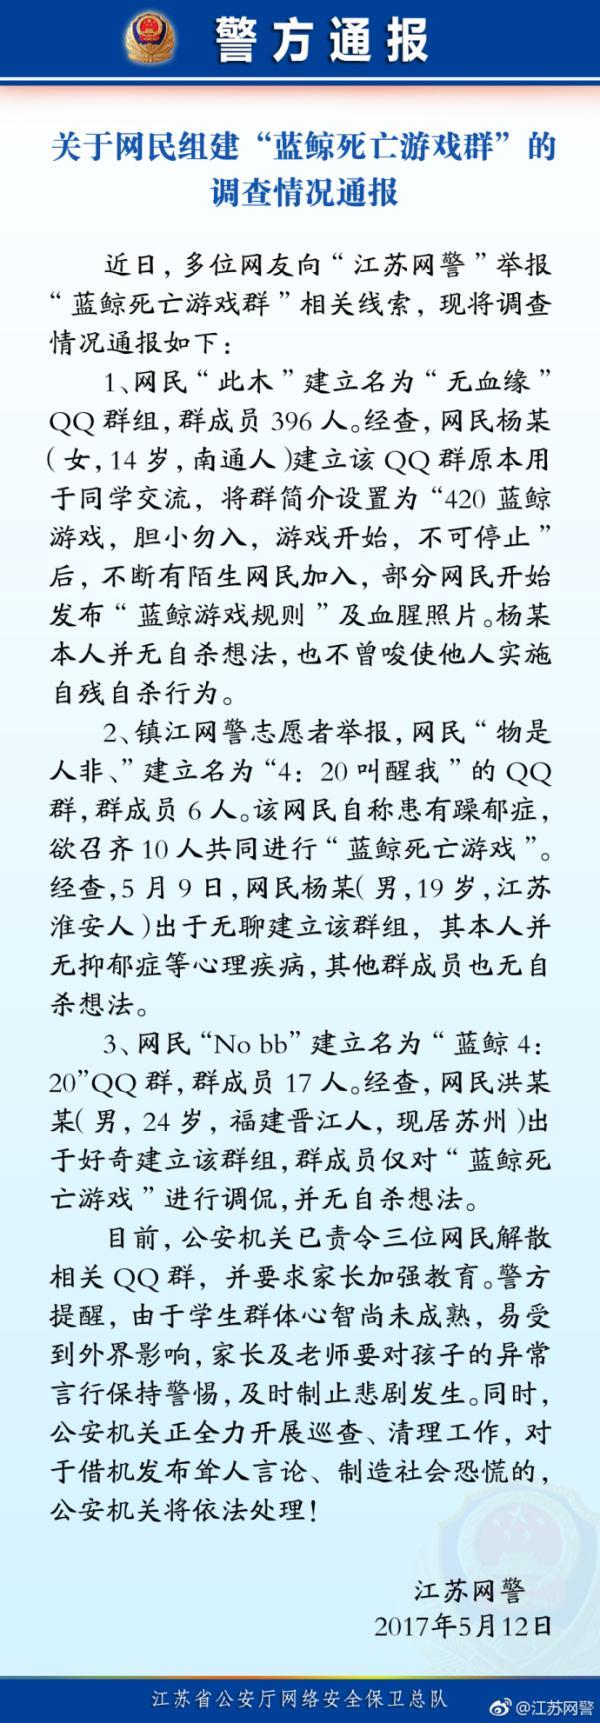 """重庆市网信办、市公安局警示:坚决抵制变态死亡游戏""""蓝鲸"""""""